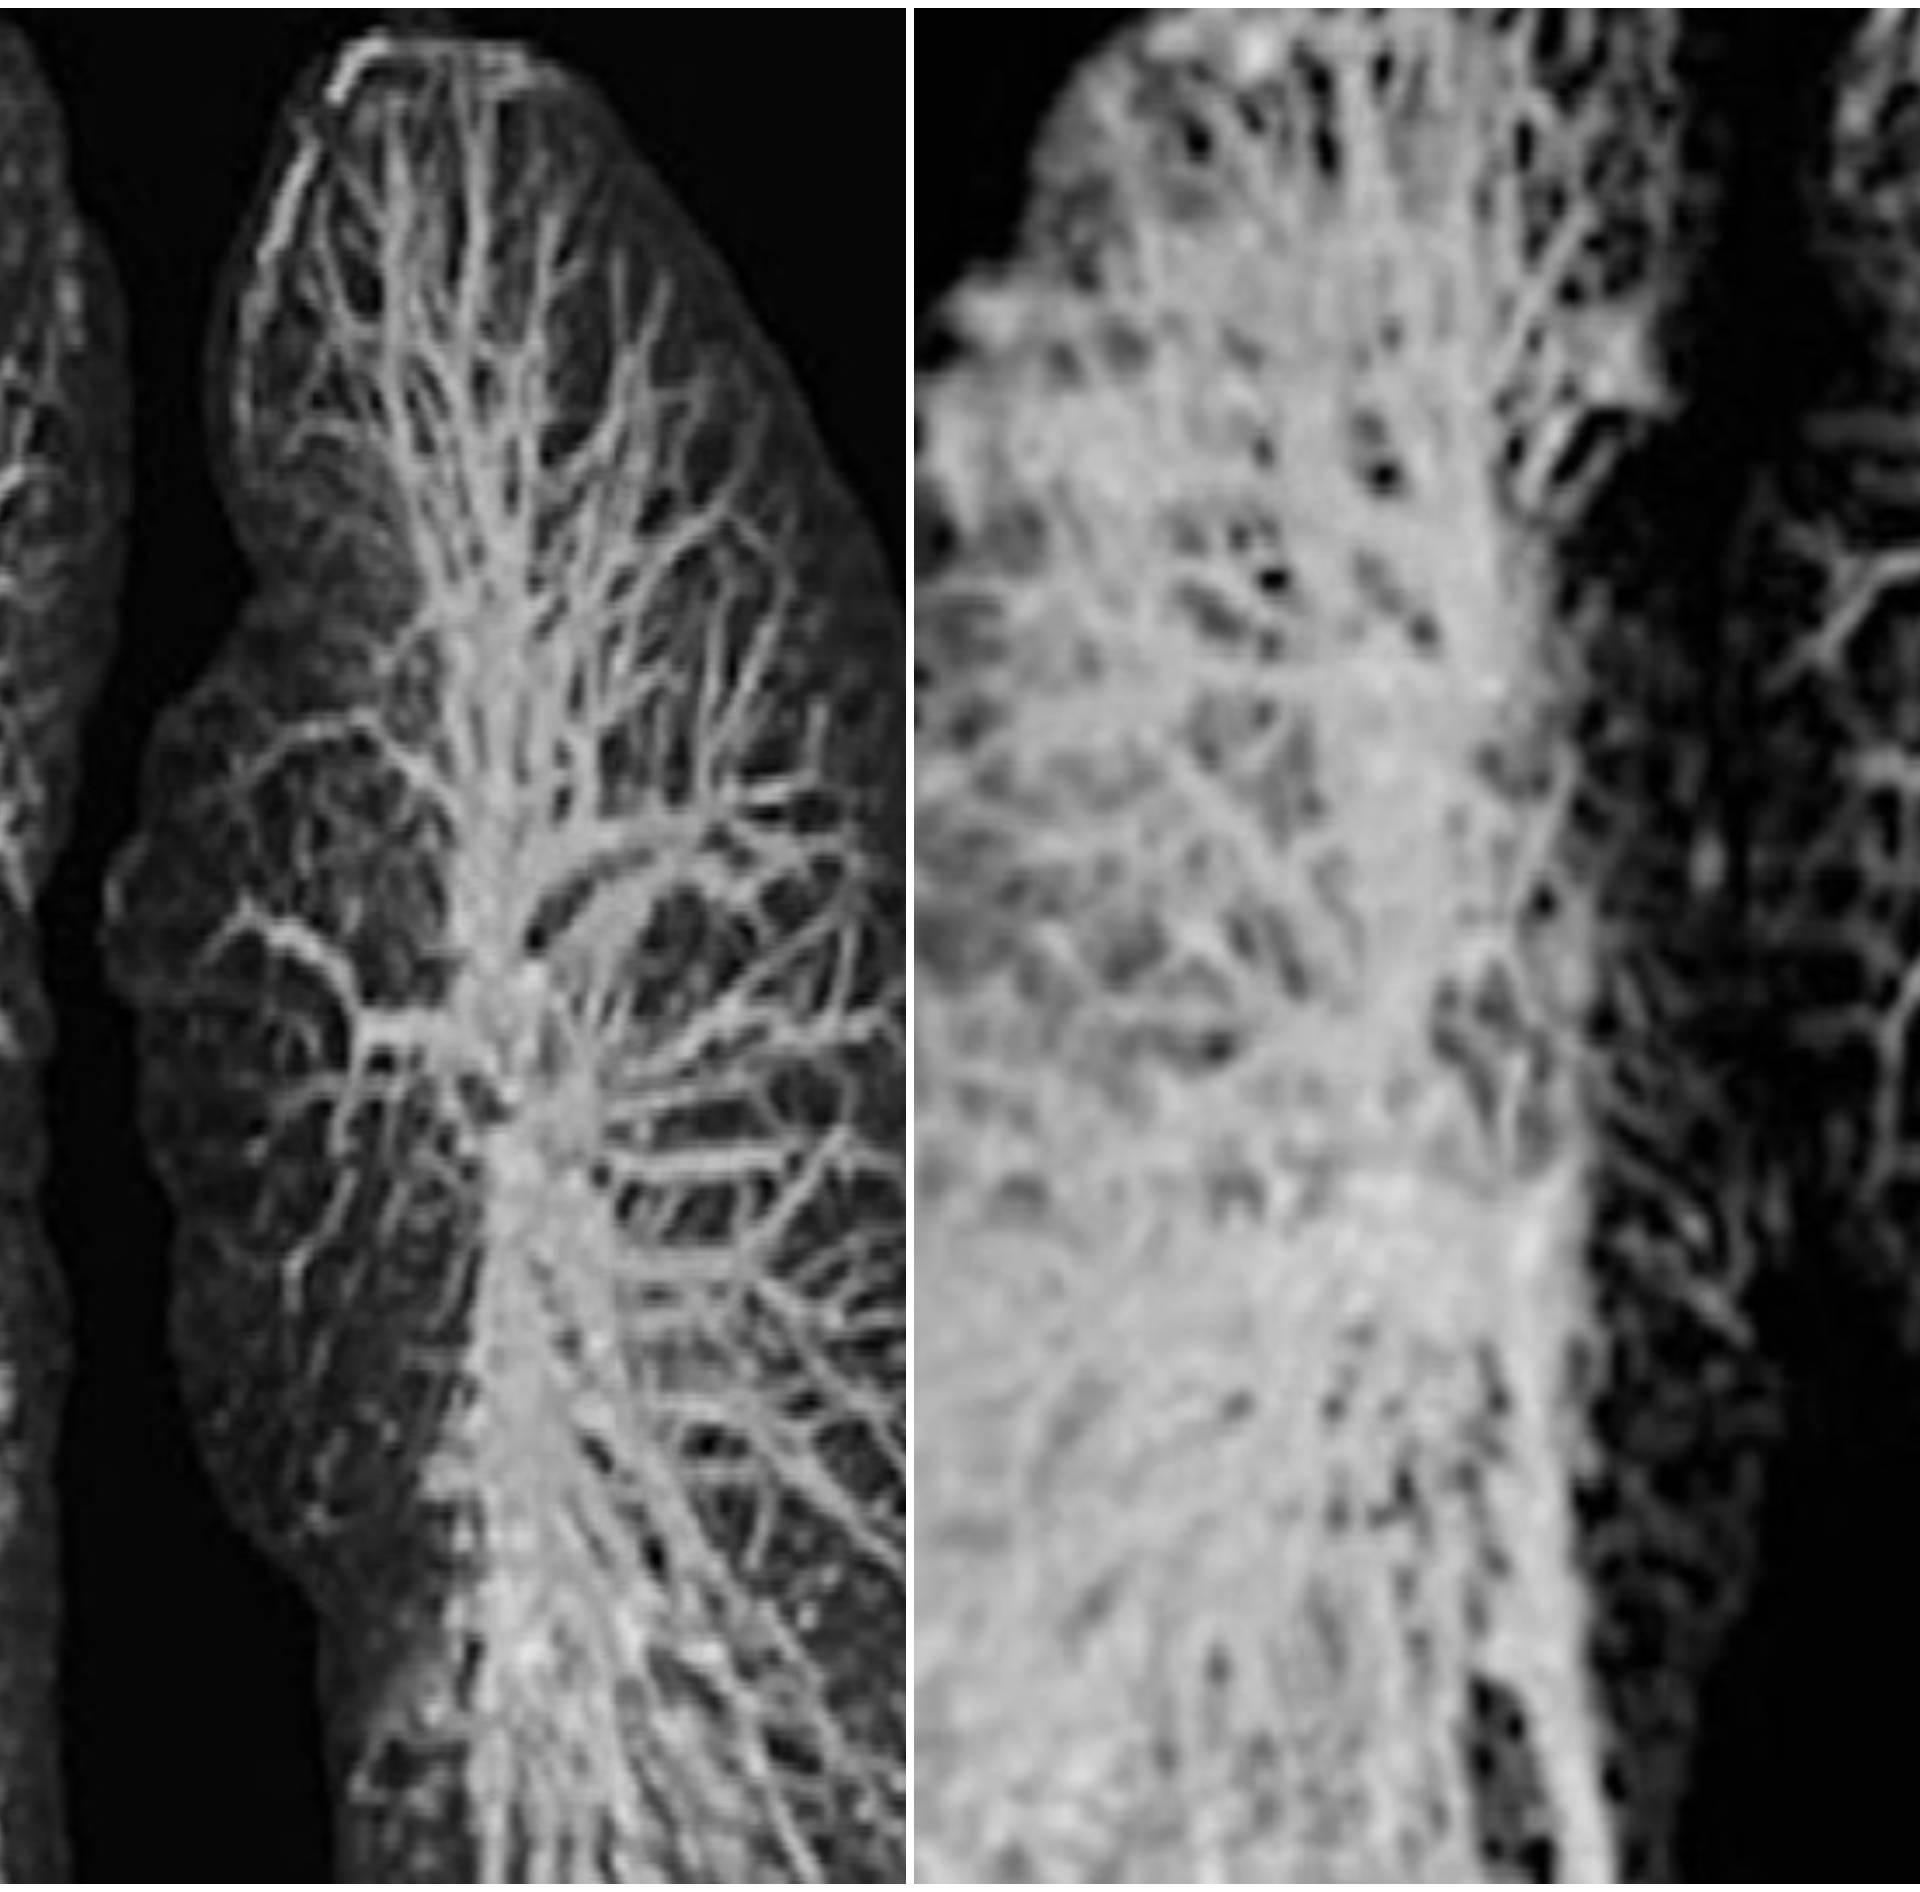 Rendgenske snimke pluća